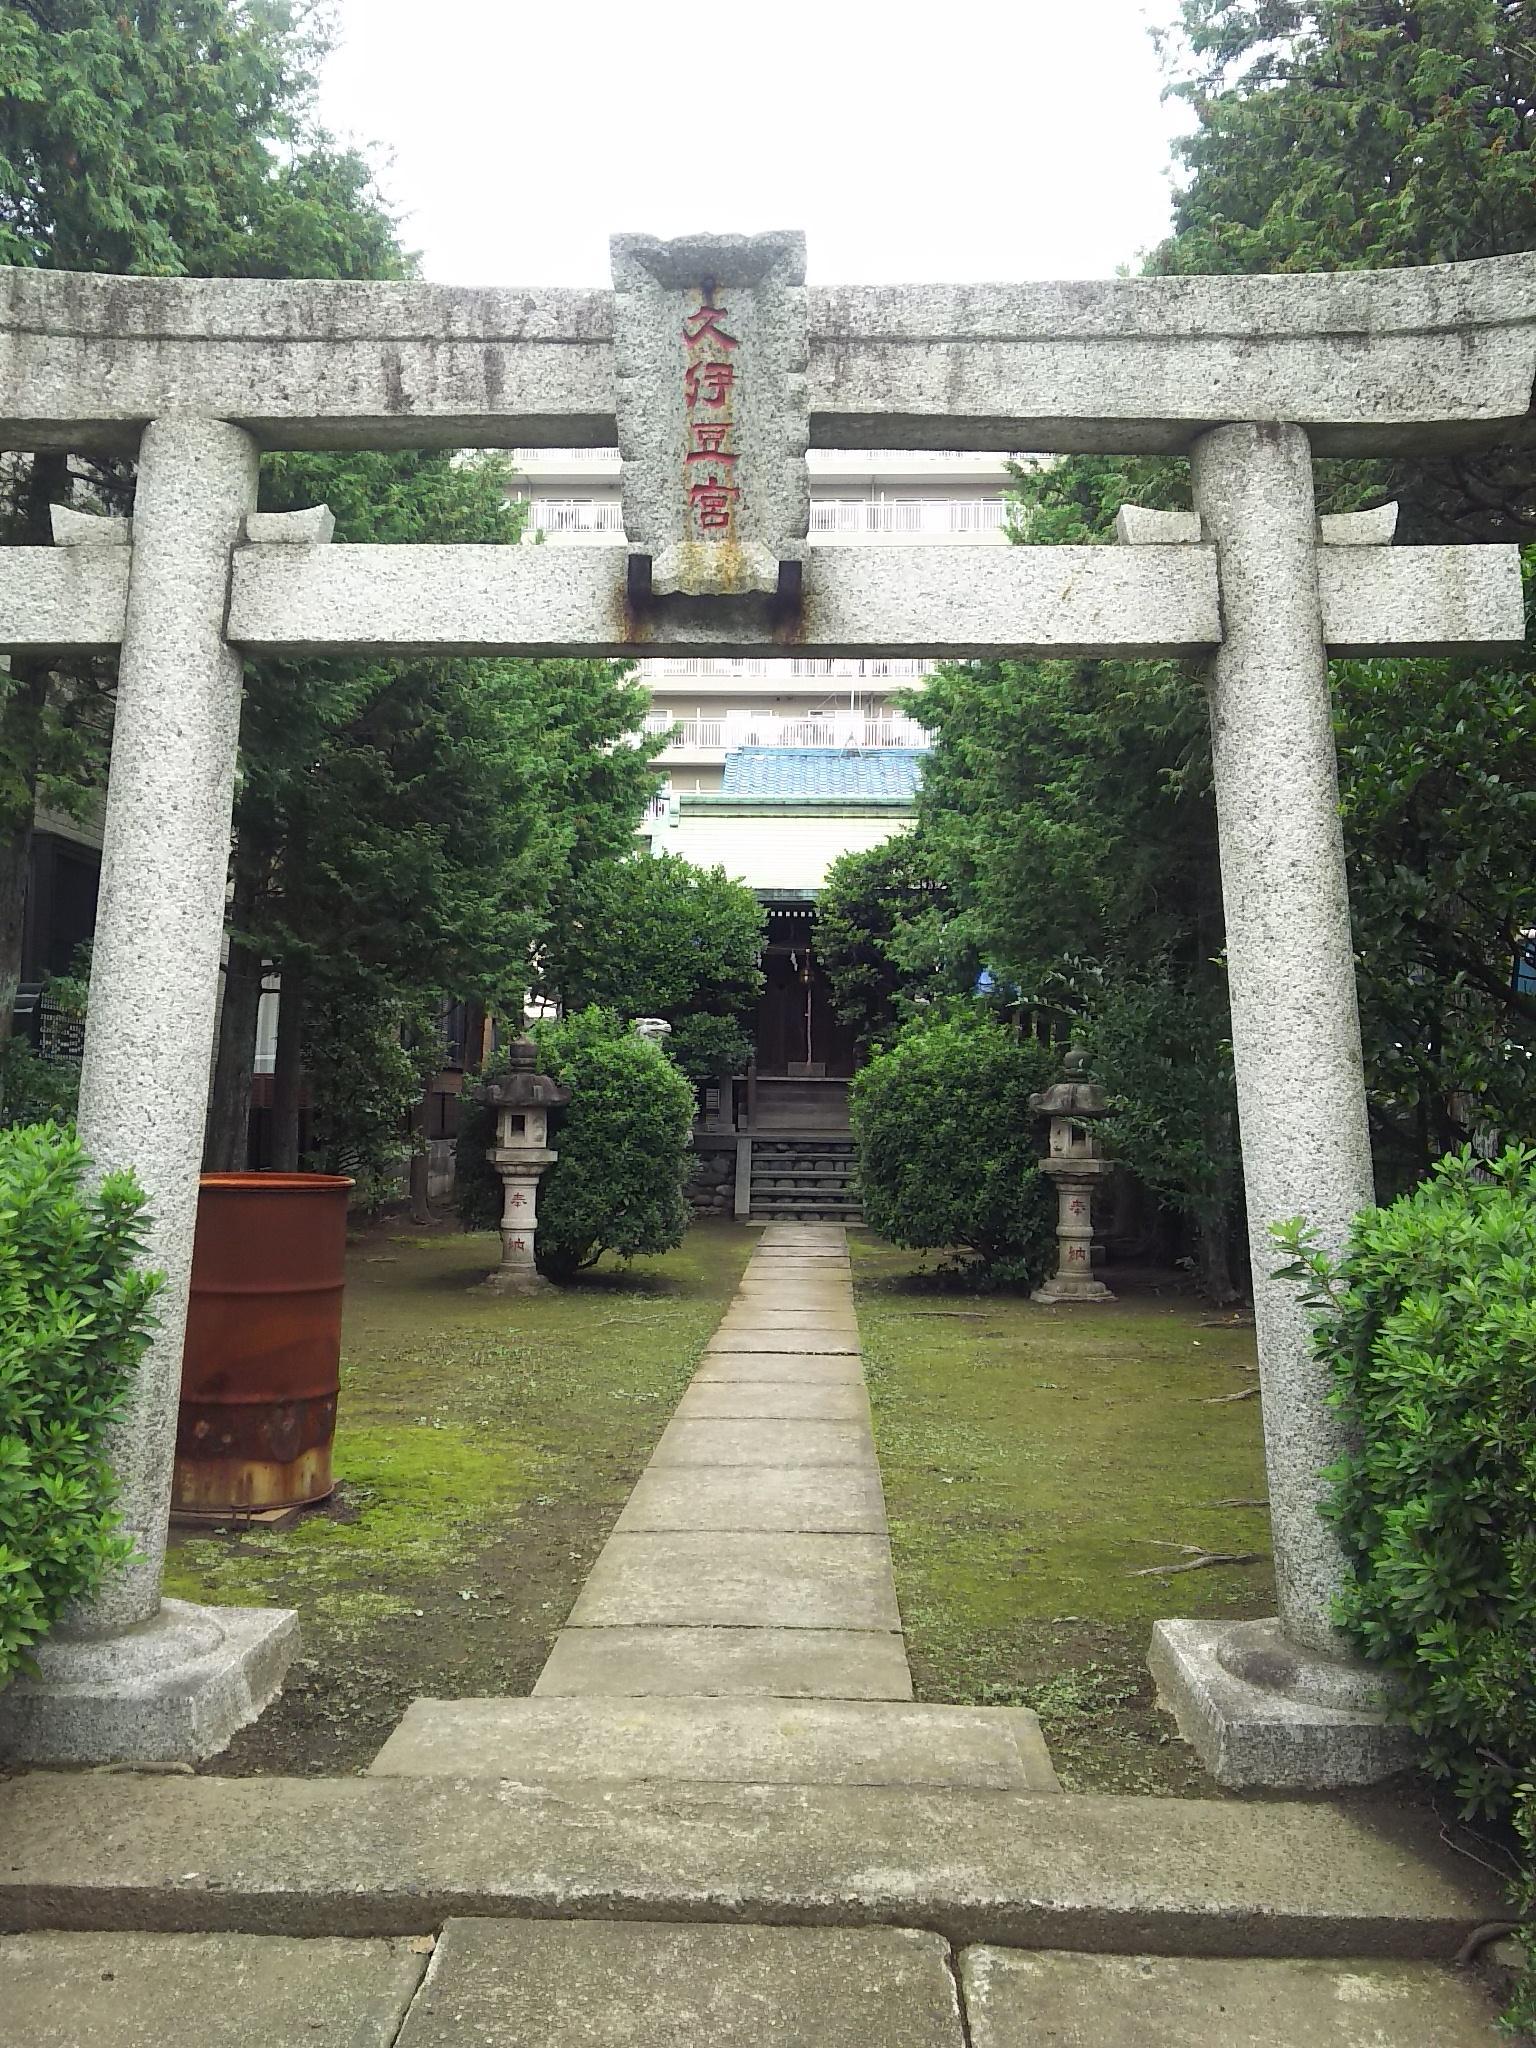 久伊豆神社(久伊豆宮寿神社)の鳥居